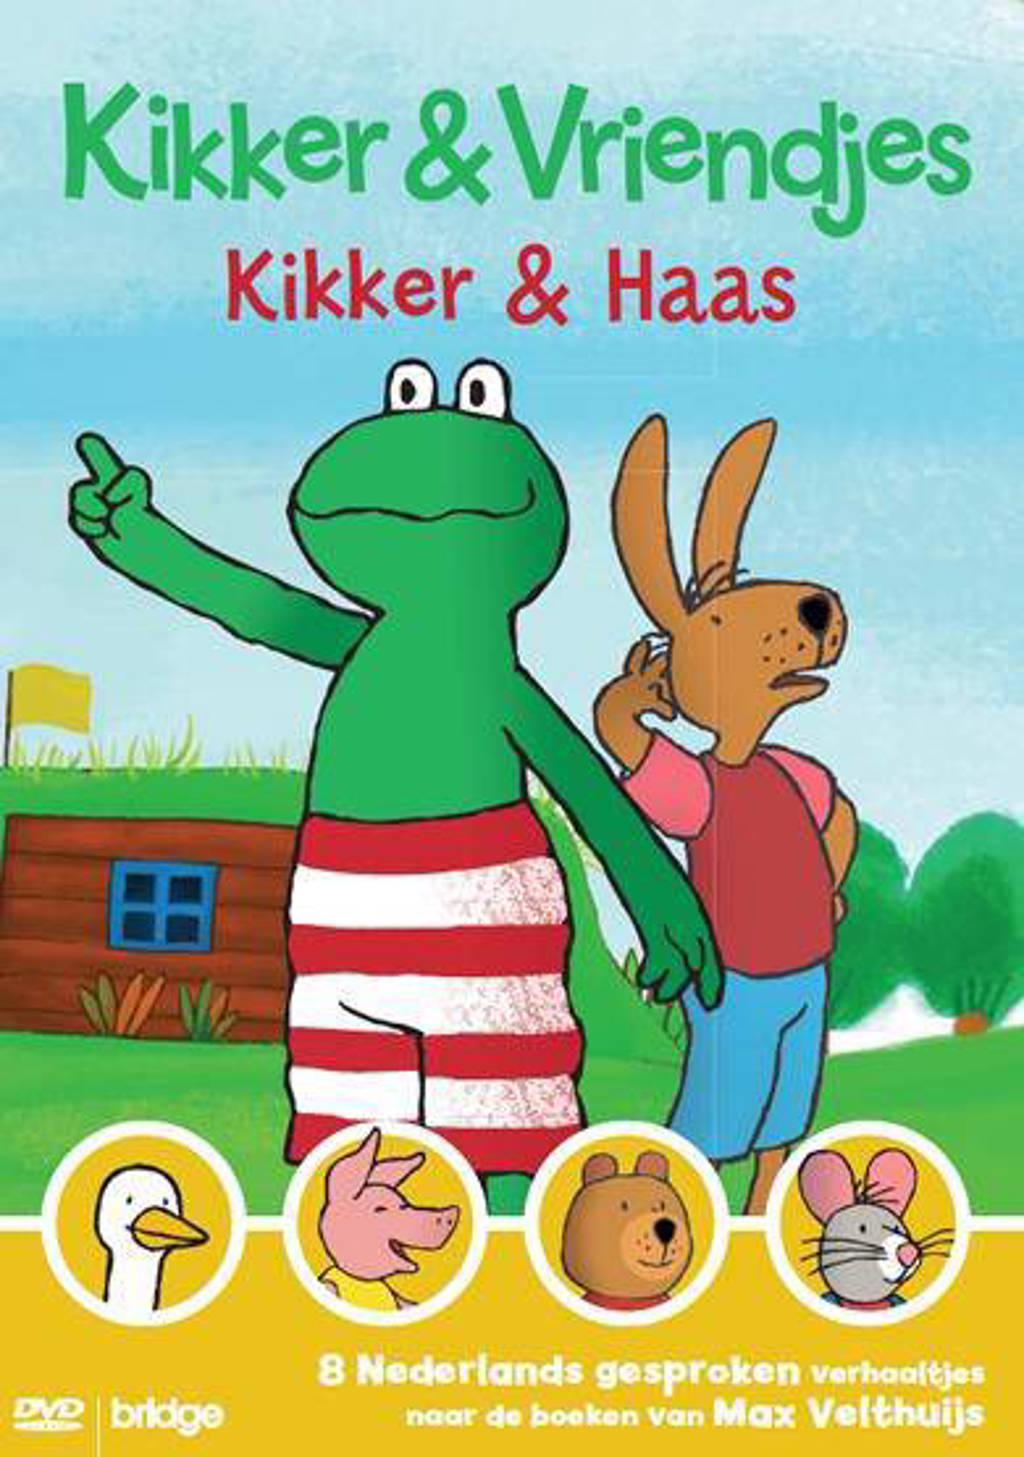 Kikker & vriendjes - Kikker & haas (DVD)